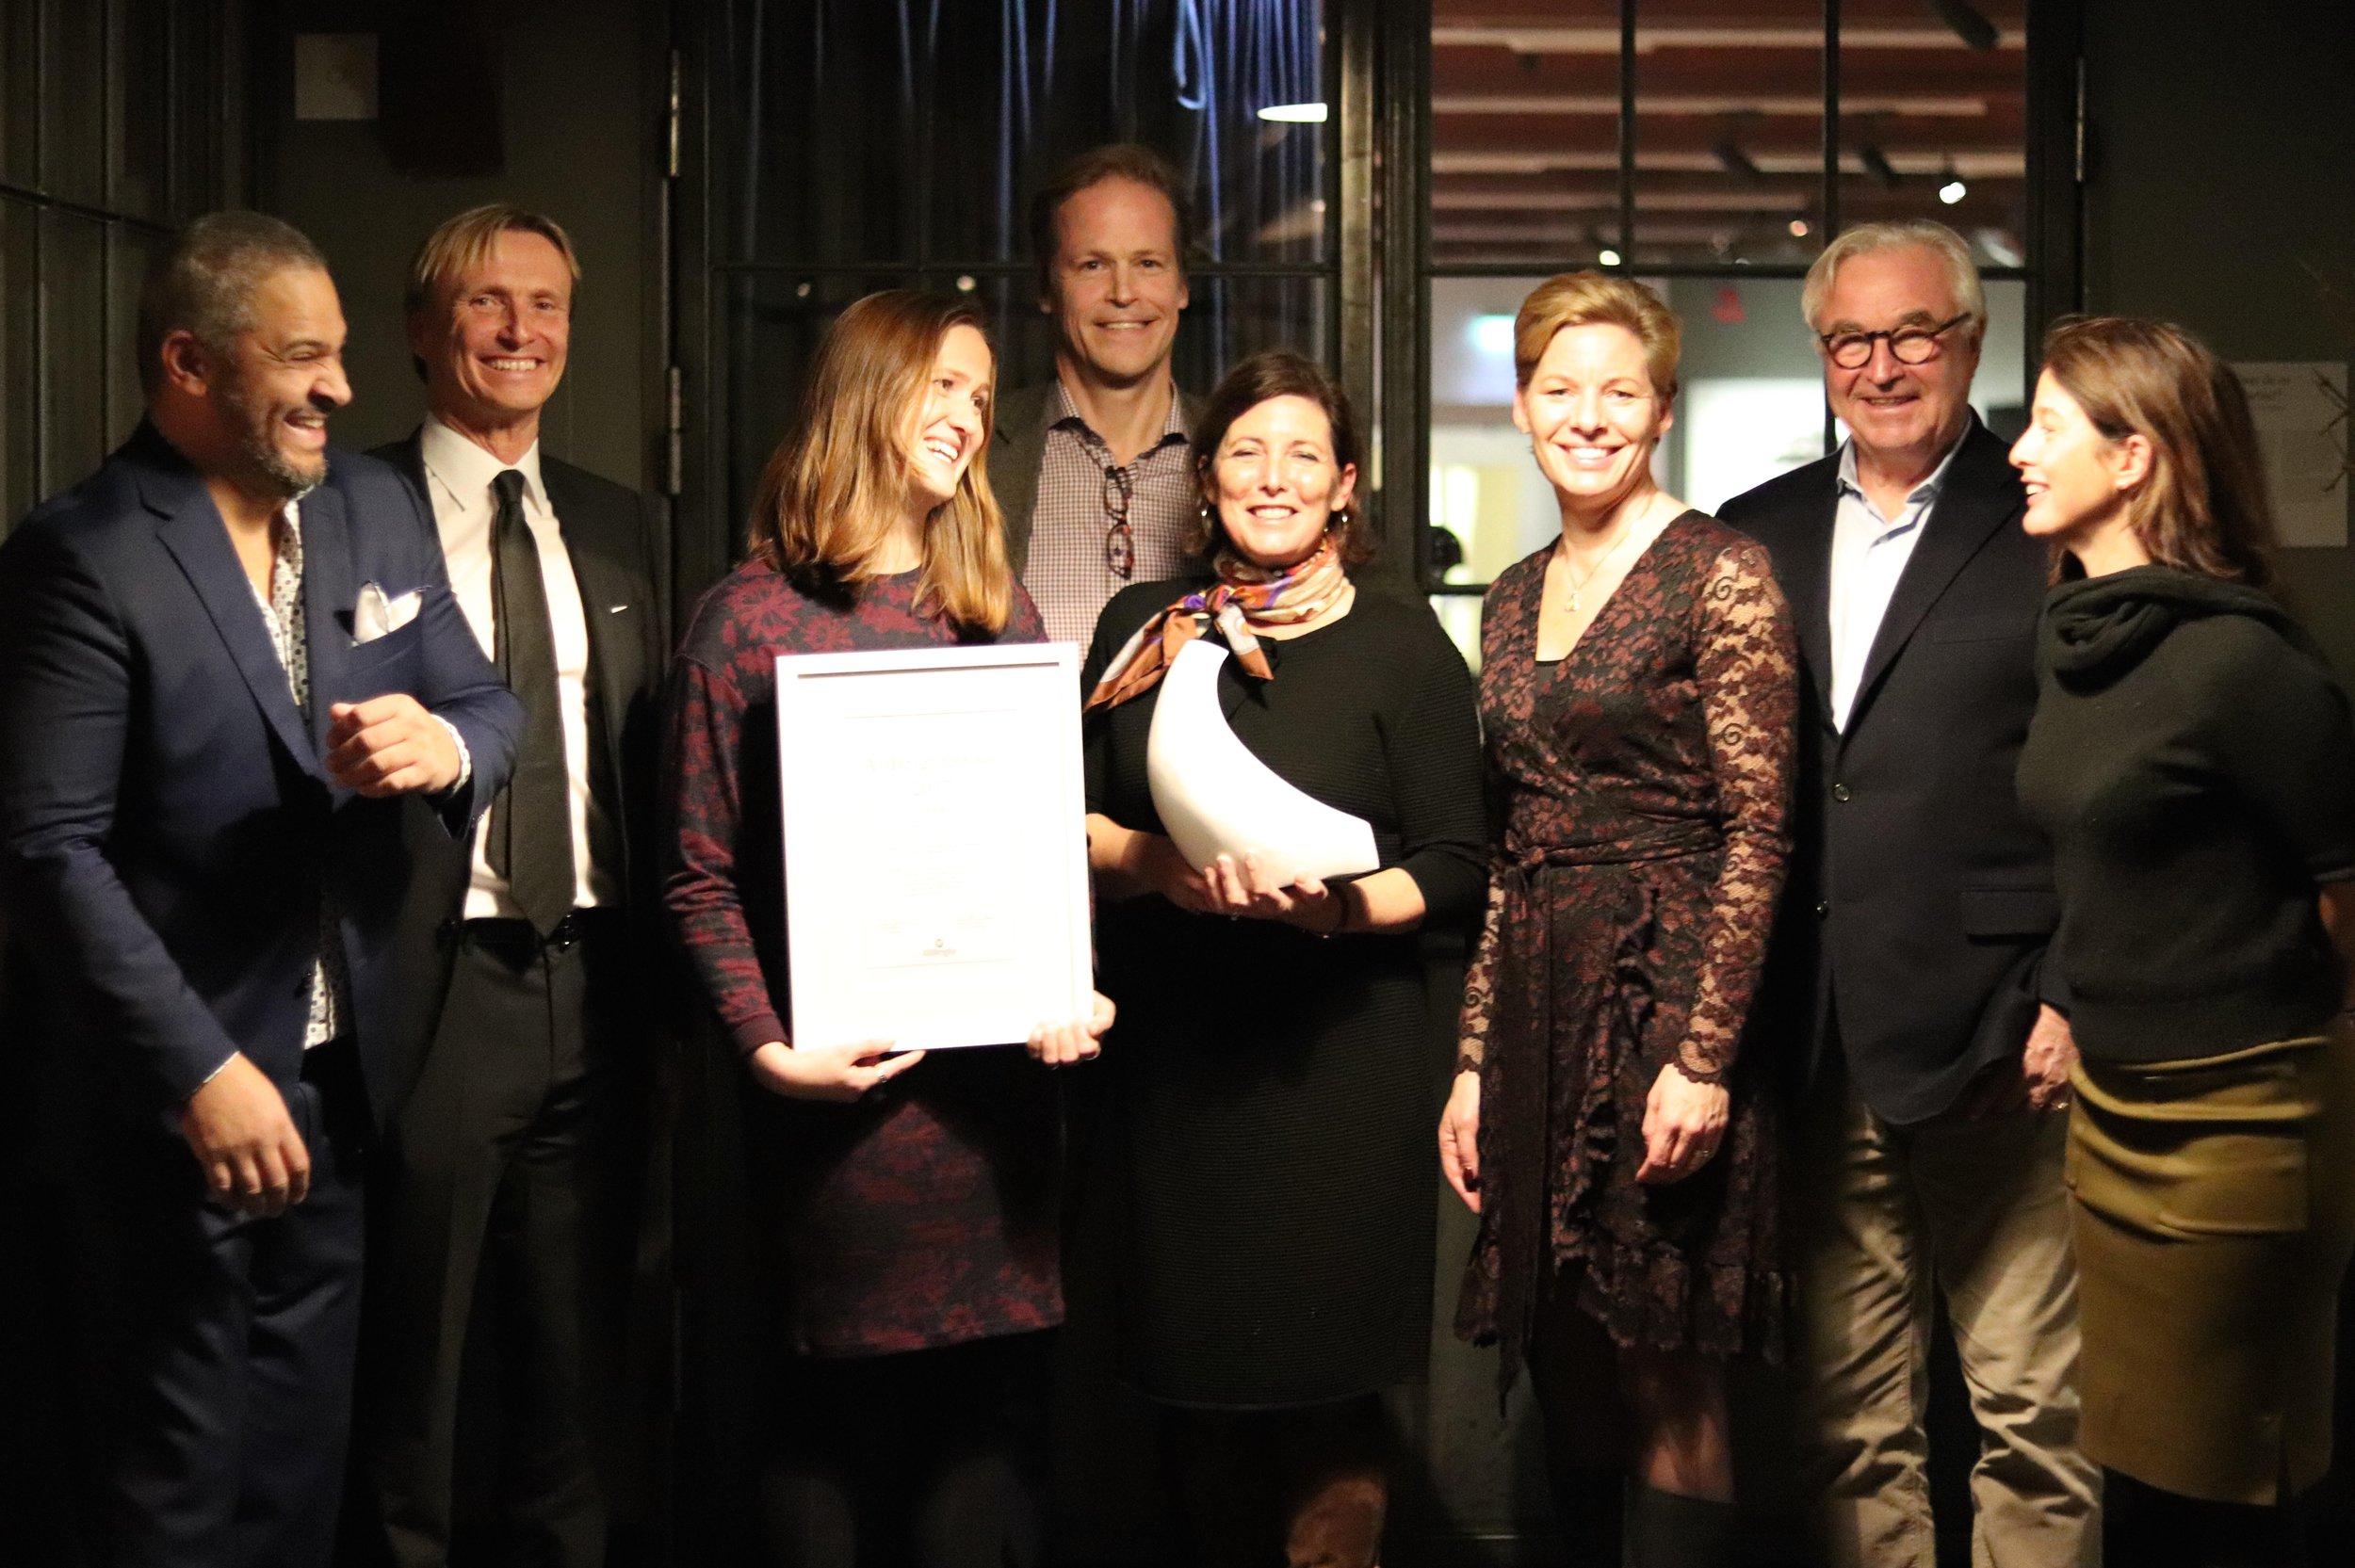 Från höger: Bengt Johansson, Per Eriksson, Tove Dahlgren, Christian Kinch, Helena Pharmanson, Annica Ånäs, Sven Hagströmer och Michaëla Berglund.